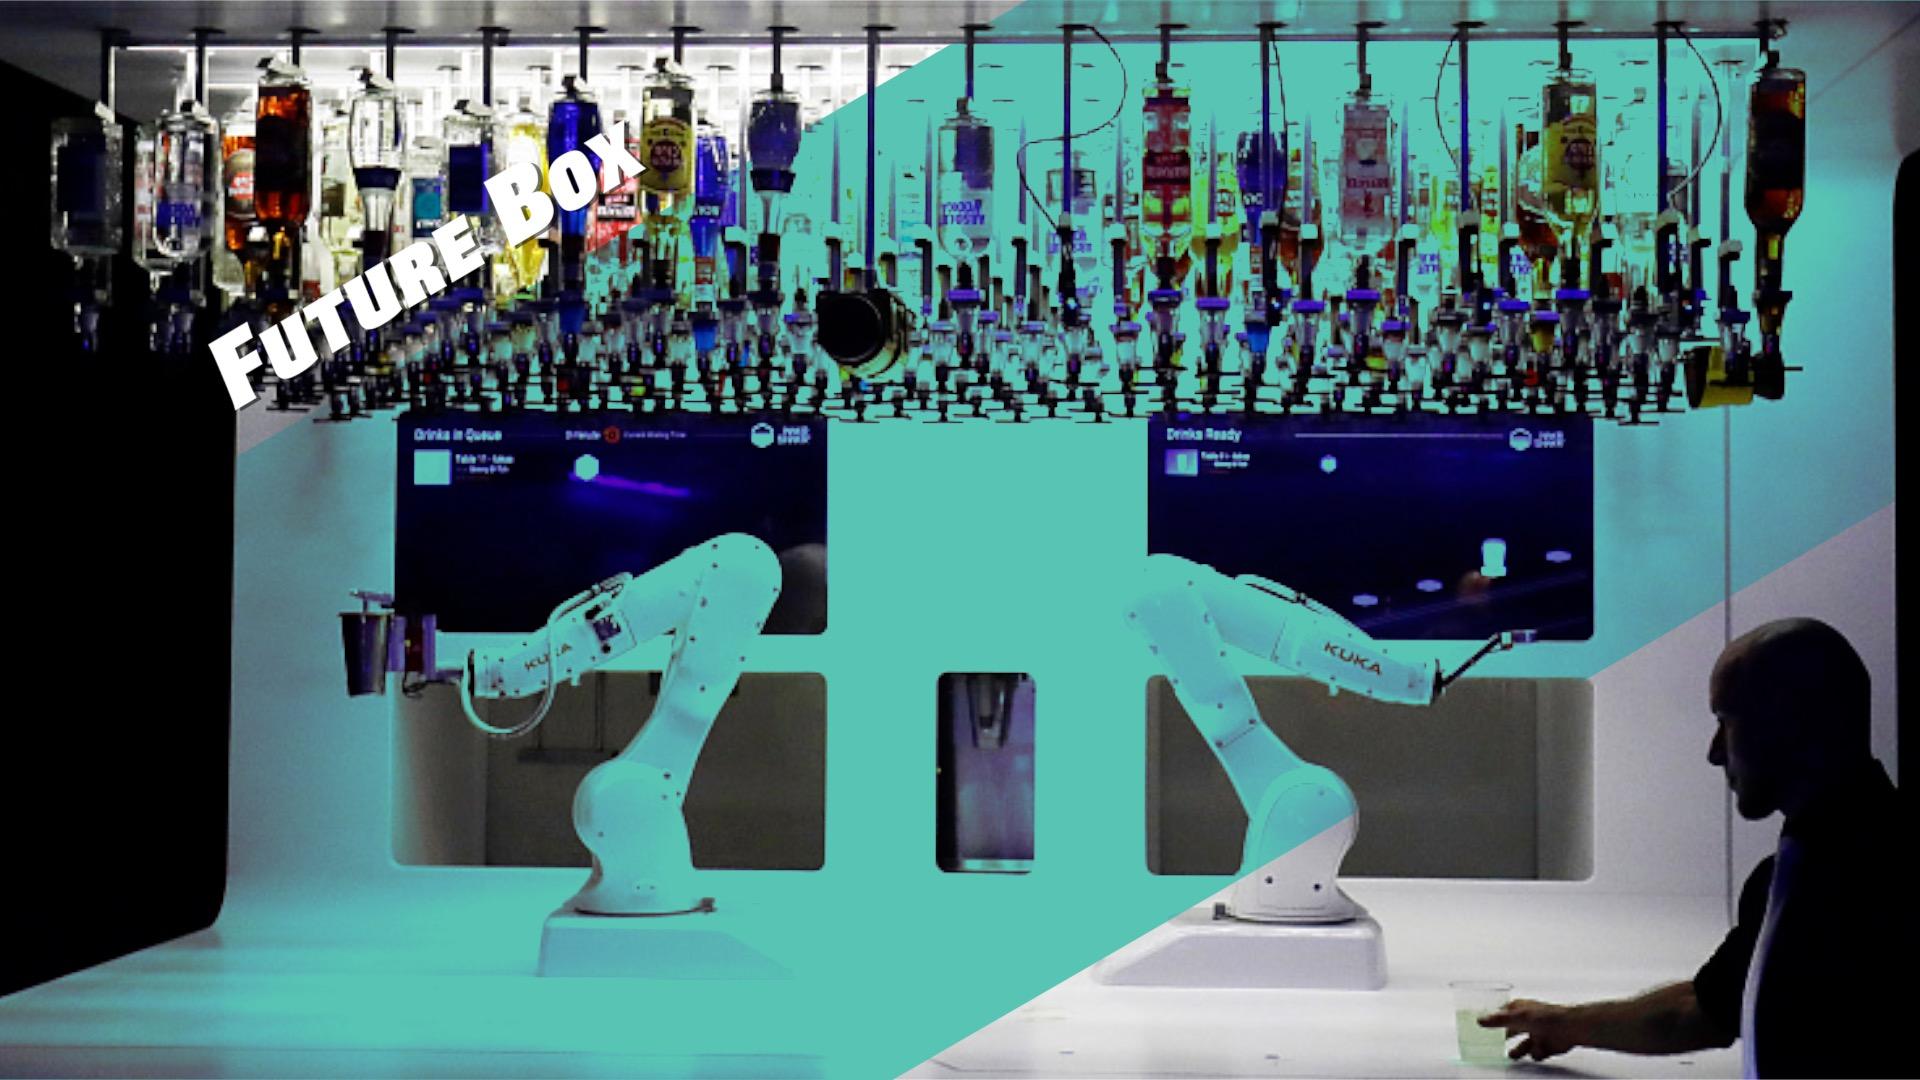 【钛媒体视频 Future Box】1小时调80杯,机器人调酒师上线